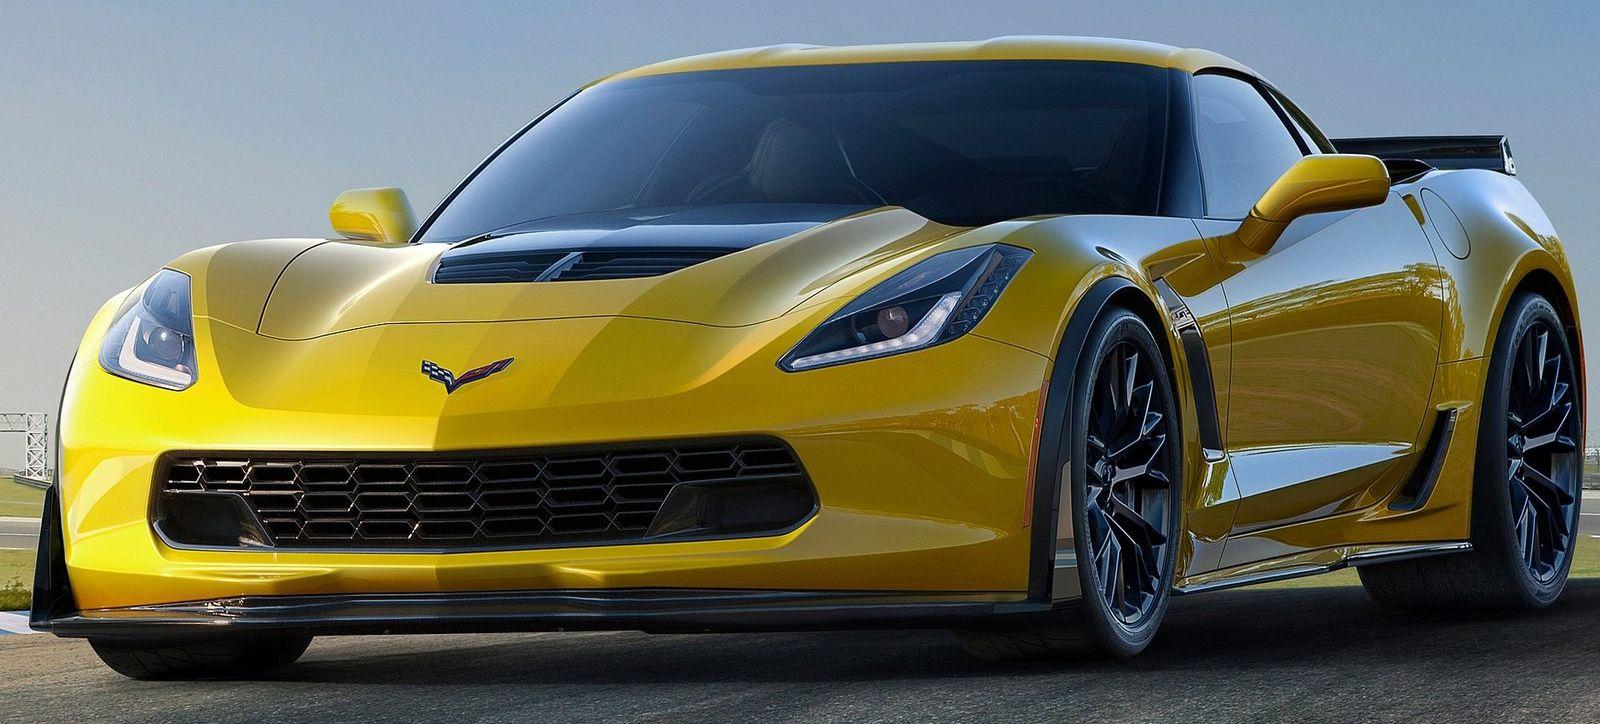 0 To 60 Corvette Z06